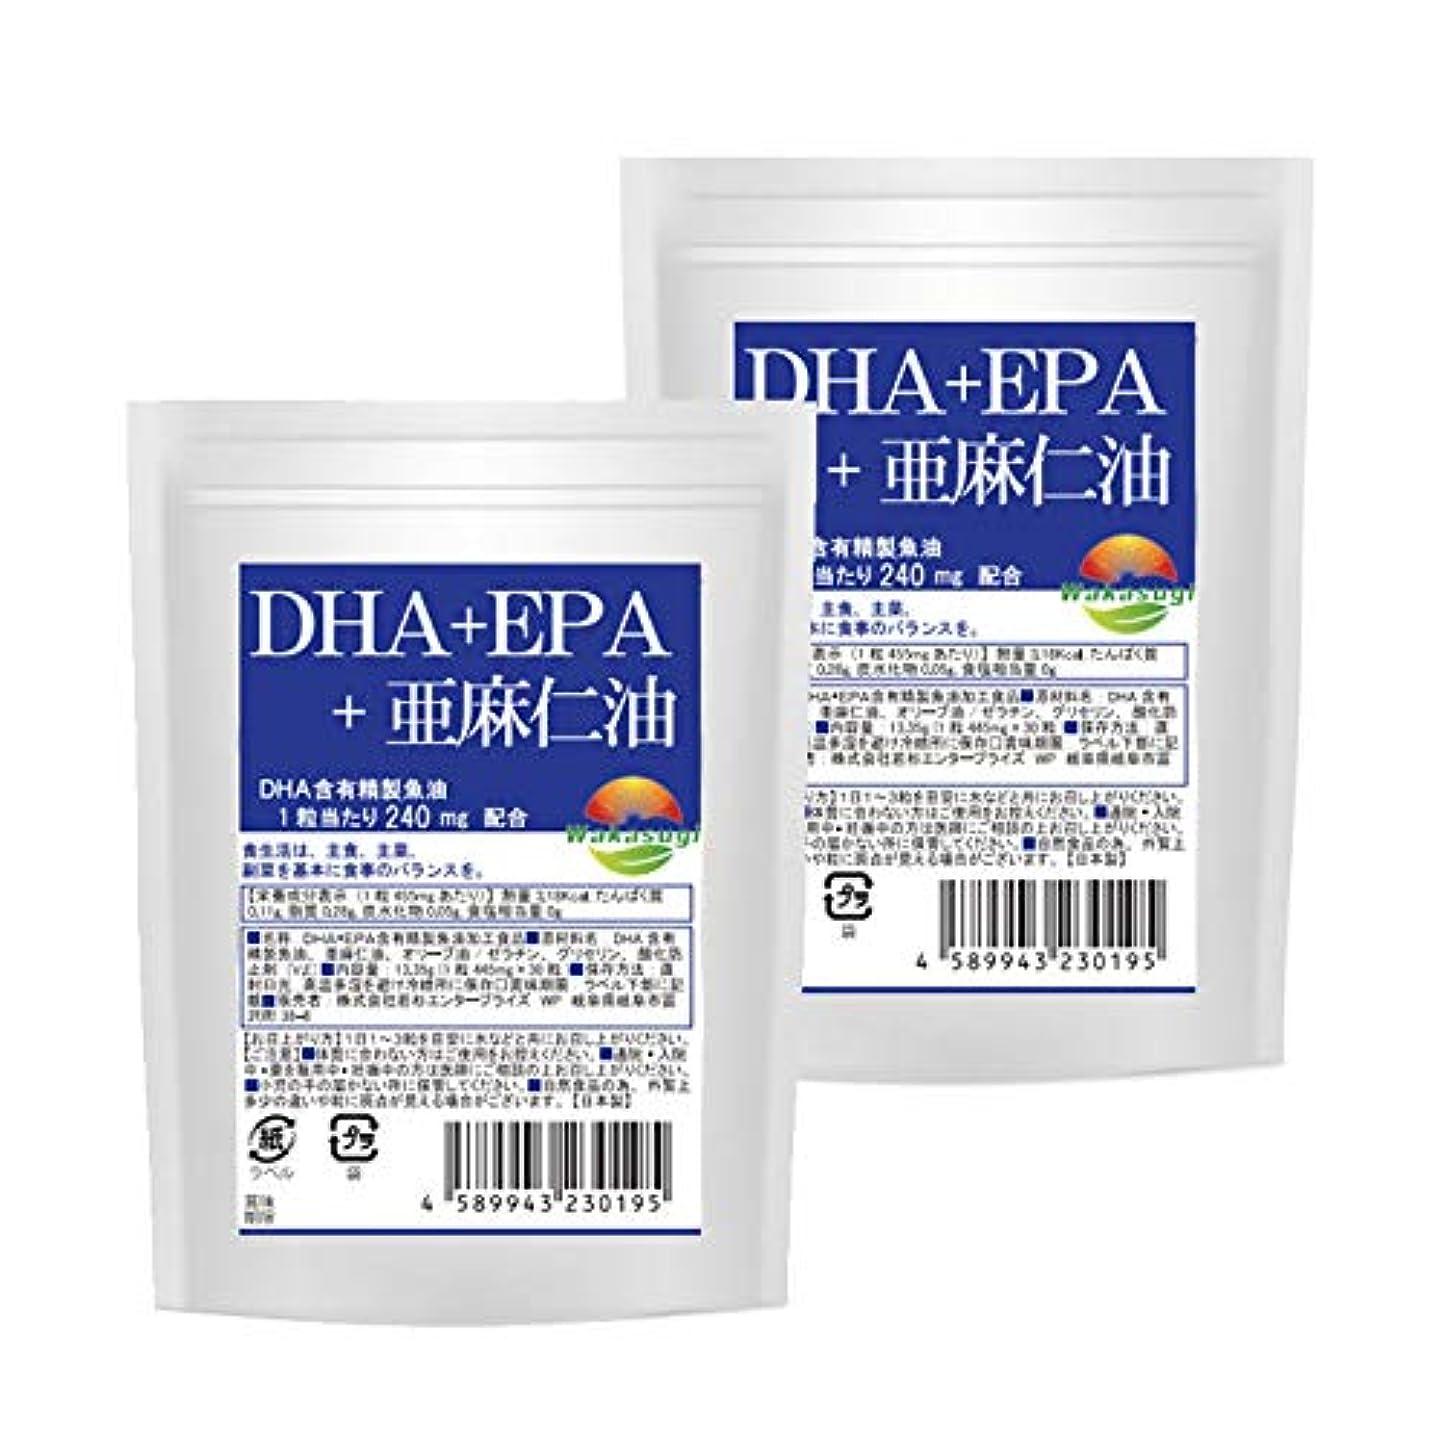 カバー一緒森DHA+EPA+亜麻仁油 30粒 2袋セット 計60粒 最大2か月分